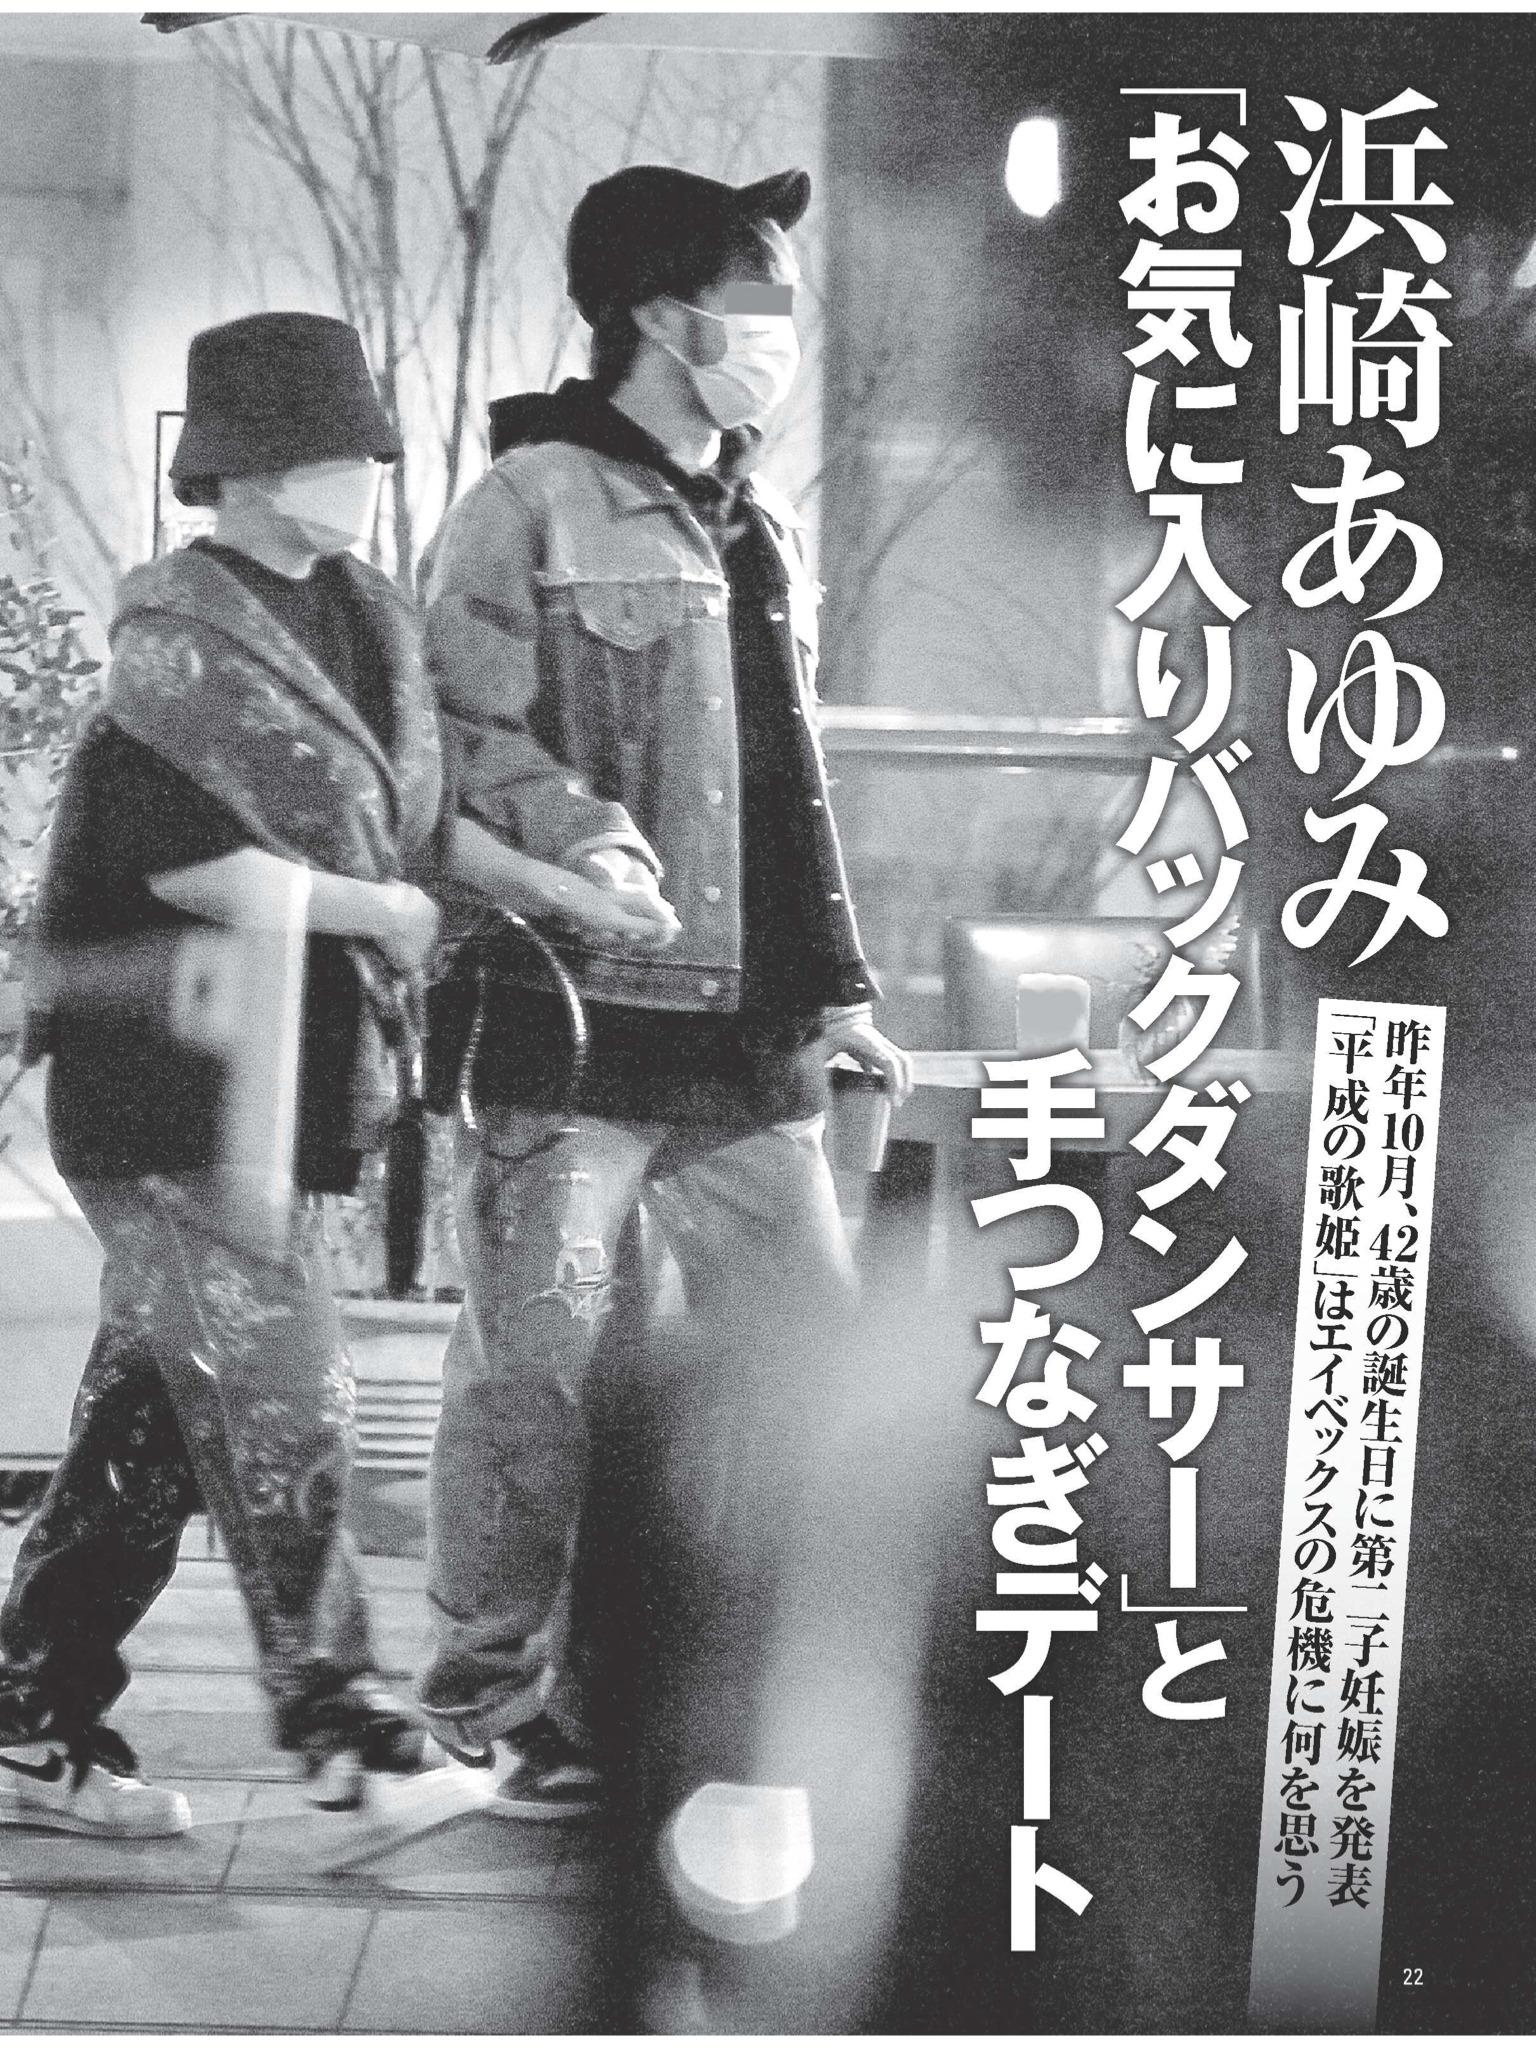 浜崎あゆみ 子供の父親 ペイ 荒木駿平 P 第二子